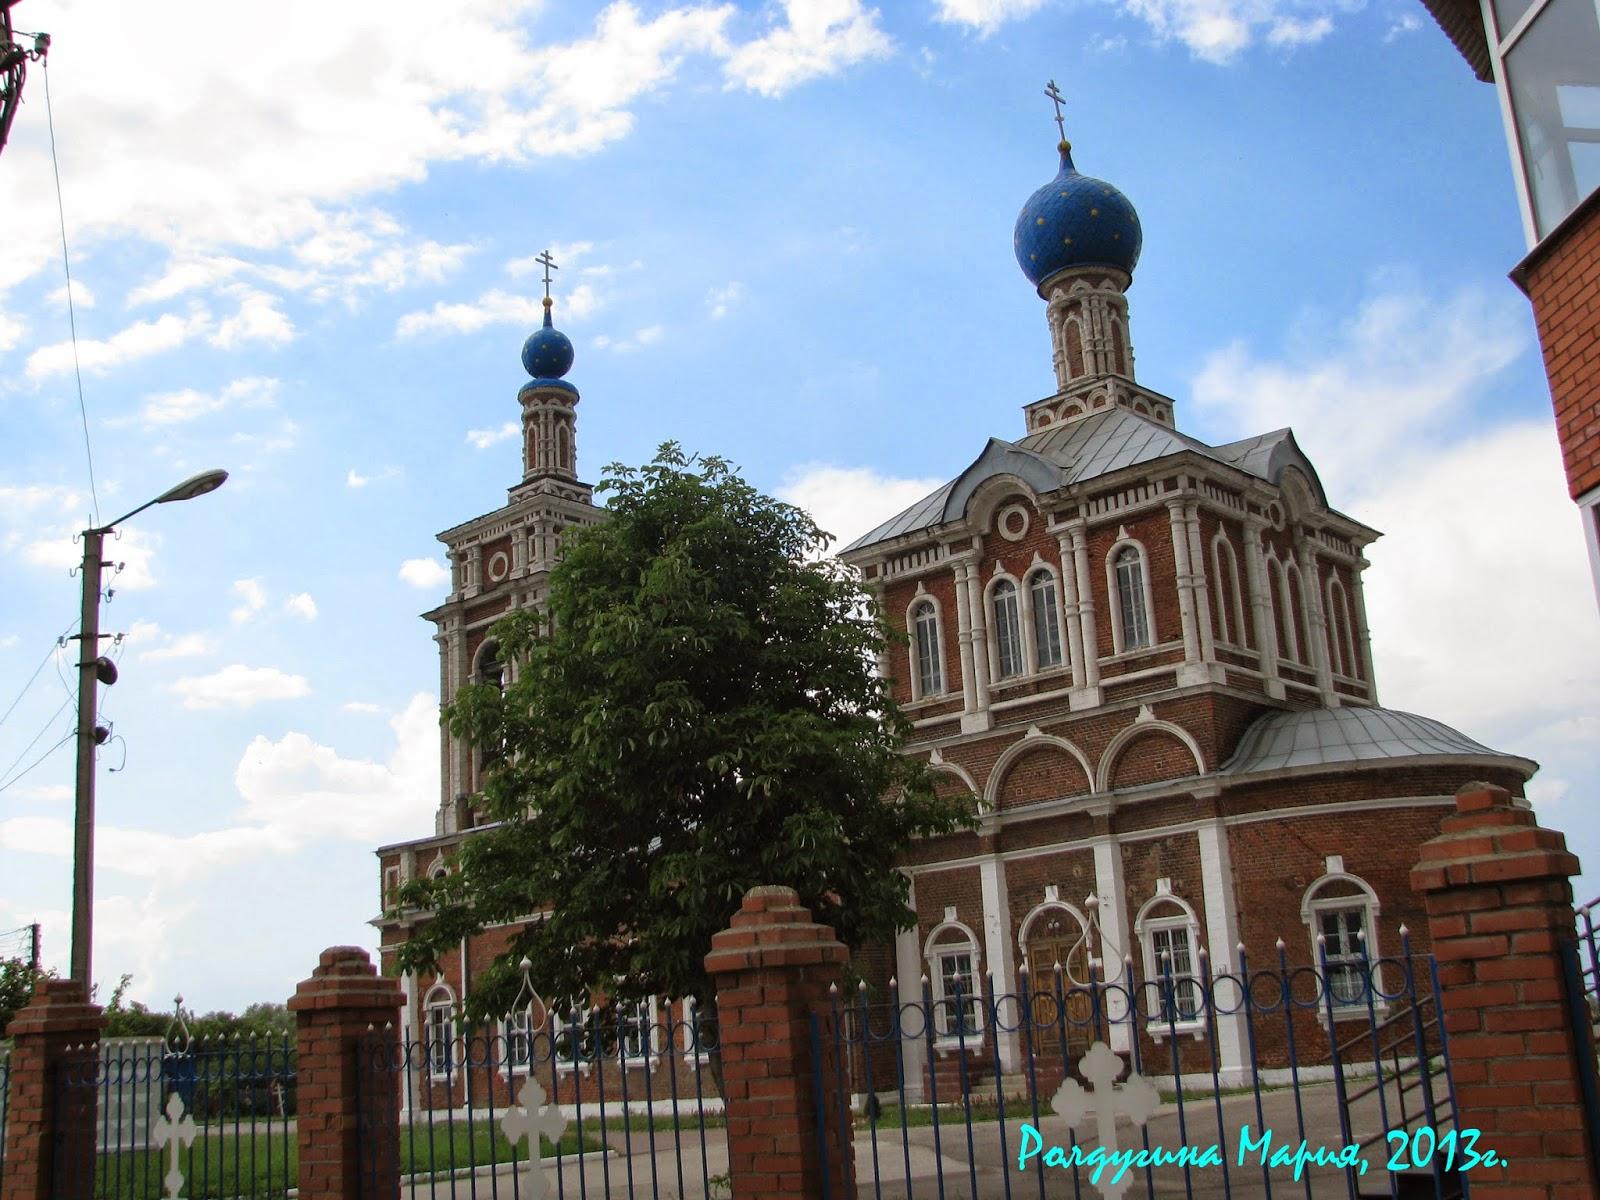 г.Шилово, Рязанская область